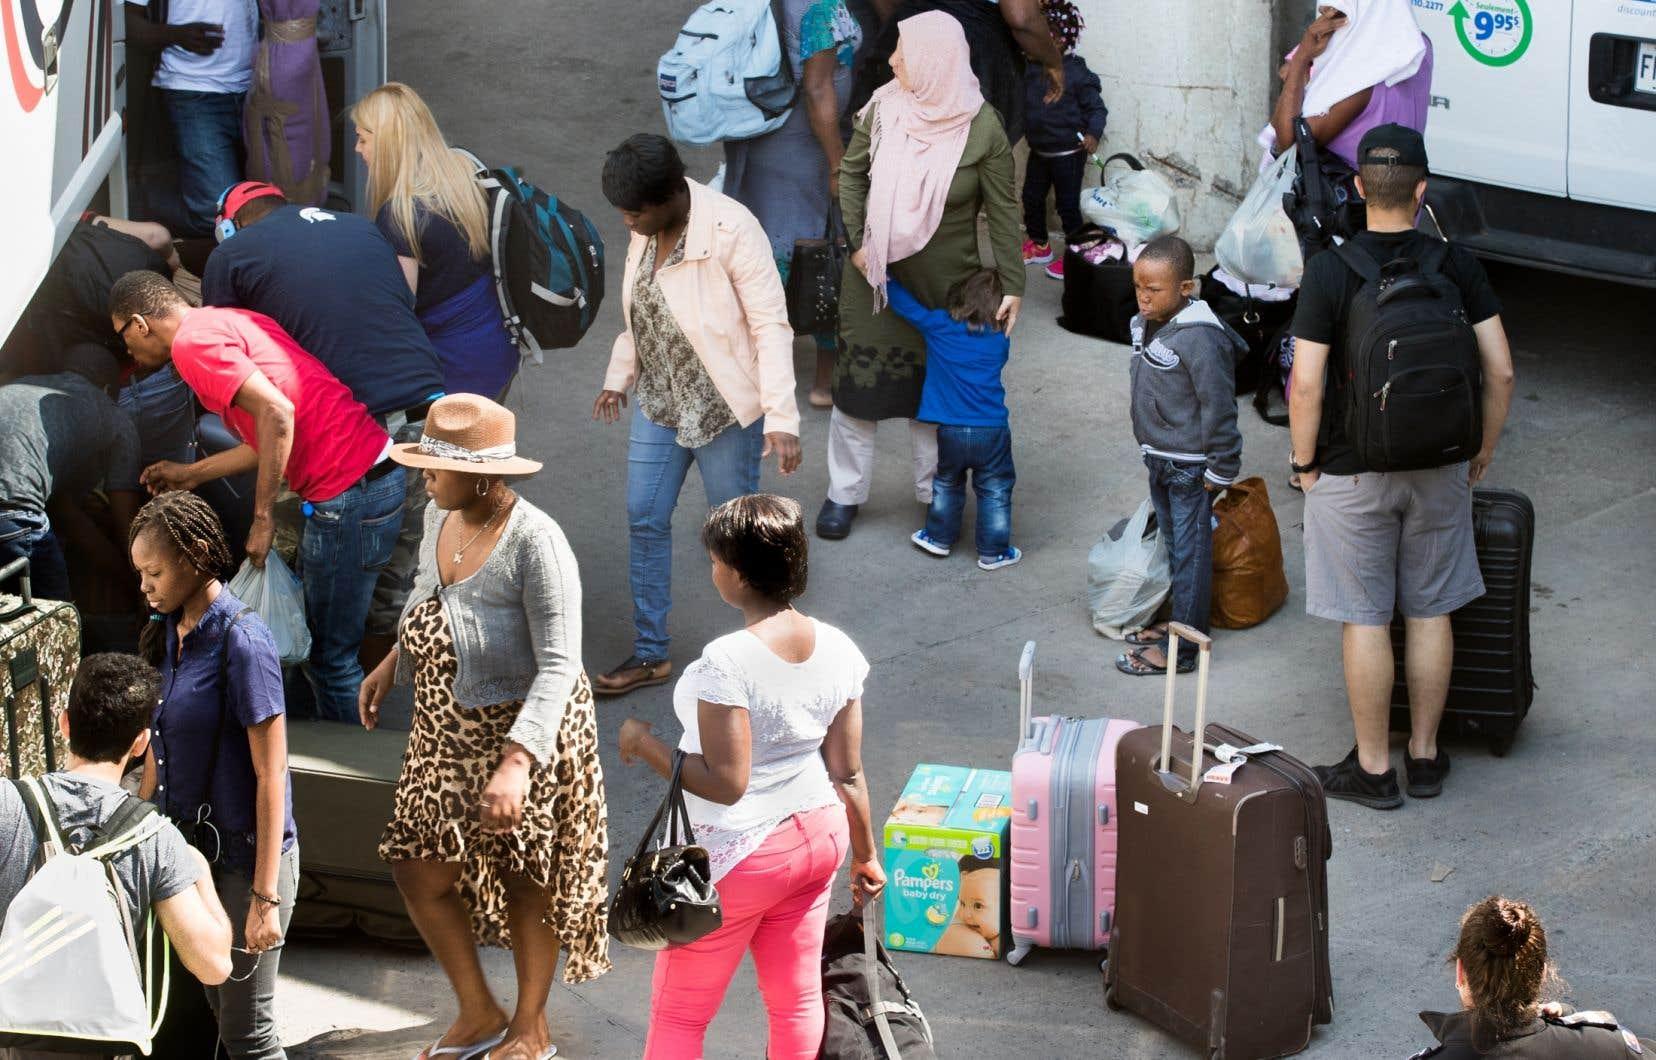 Une analyse antérieure interne du gouvernement sur les postes frontaliers a révélé que beaucoup de gens à la frontière détiennent des visas américains, les obtenant parfois expressément pour se rendre au Canada pour demander le statut de réfugié.